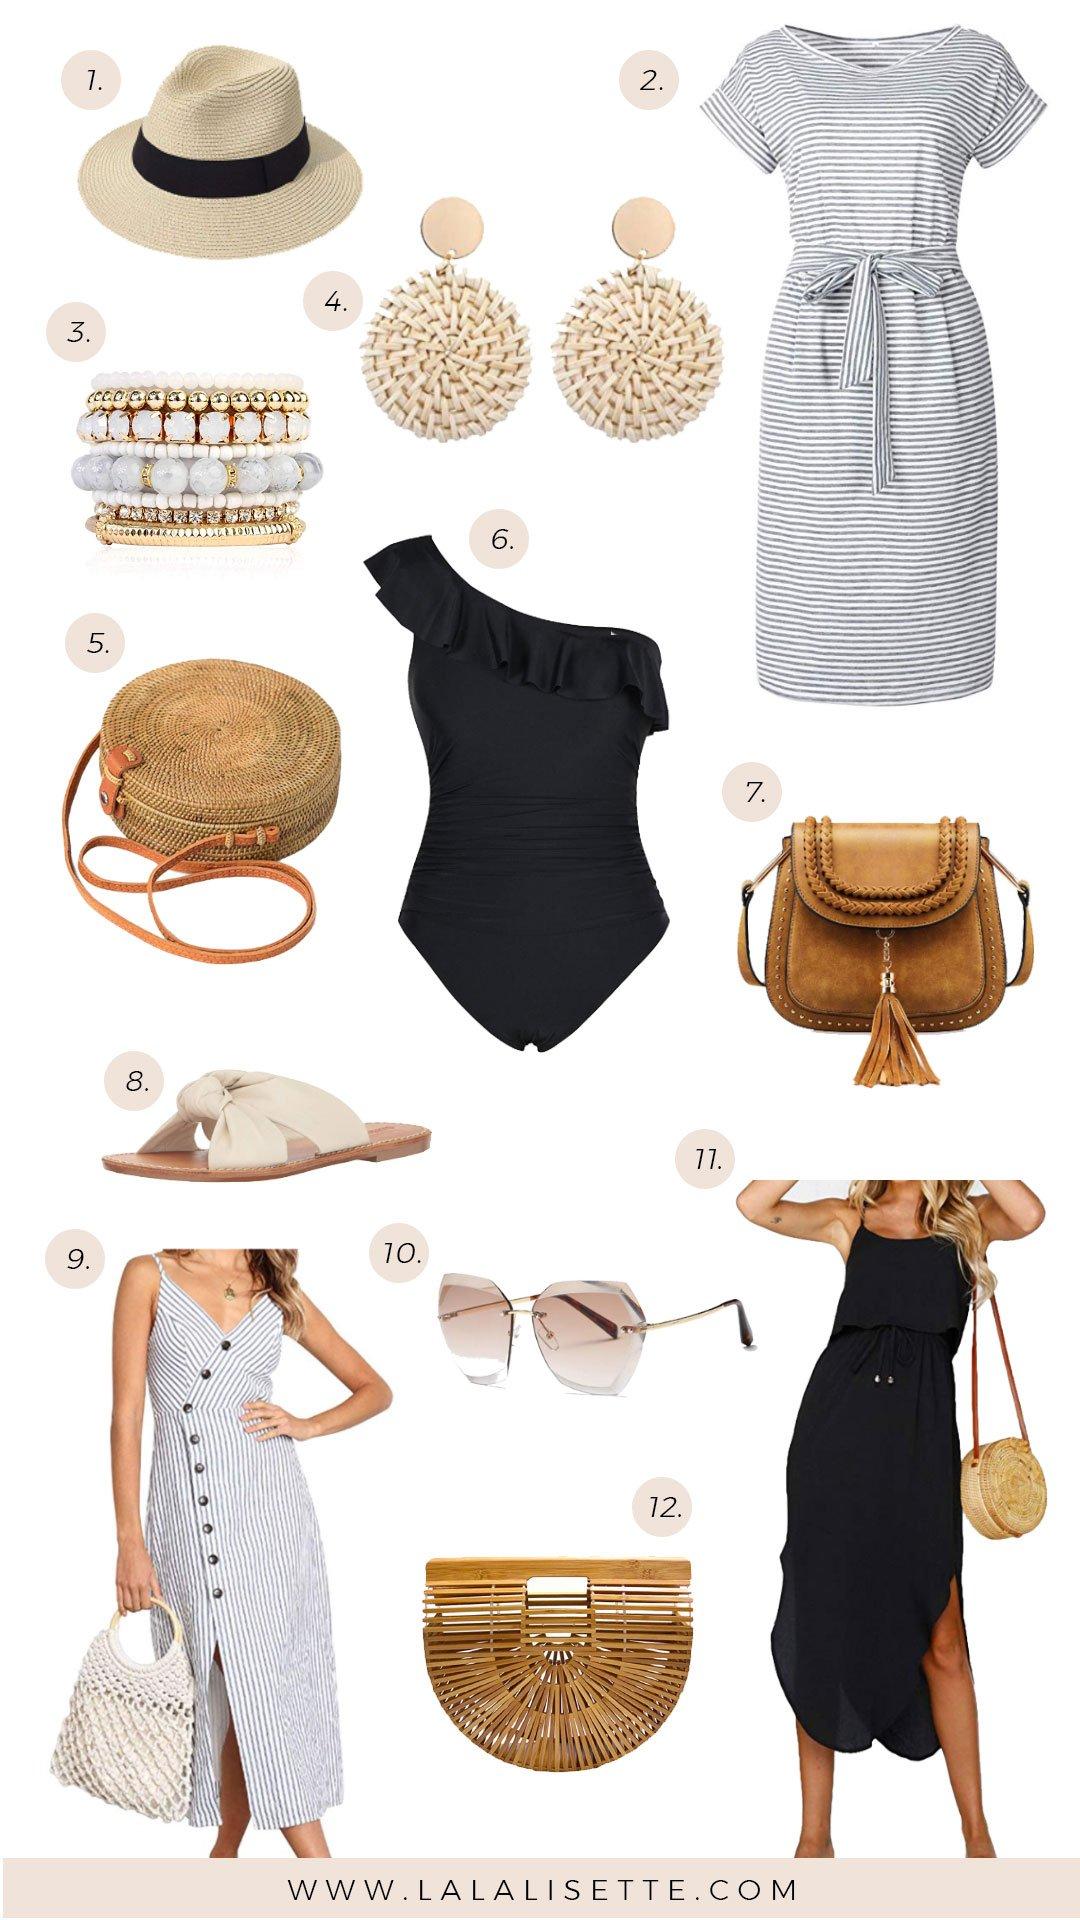 fashion pieces from Amazon (hat, earrings, swimsuit, dresses, purses, bracelet, sunglasses, sandal)